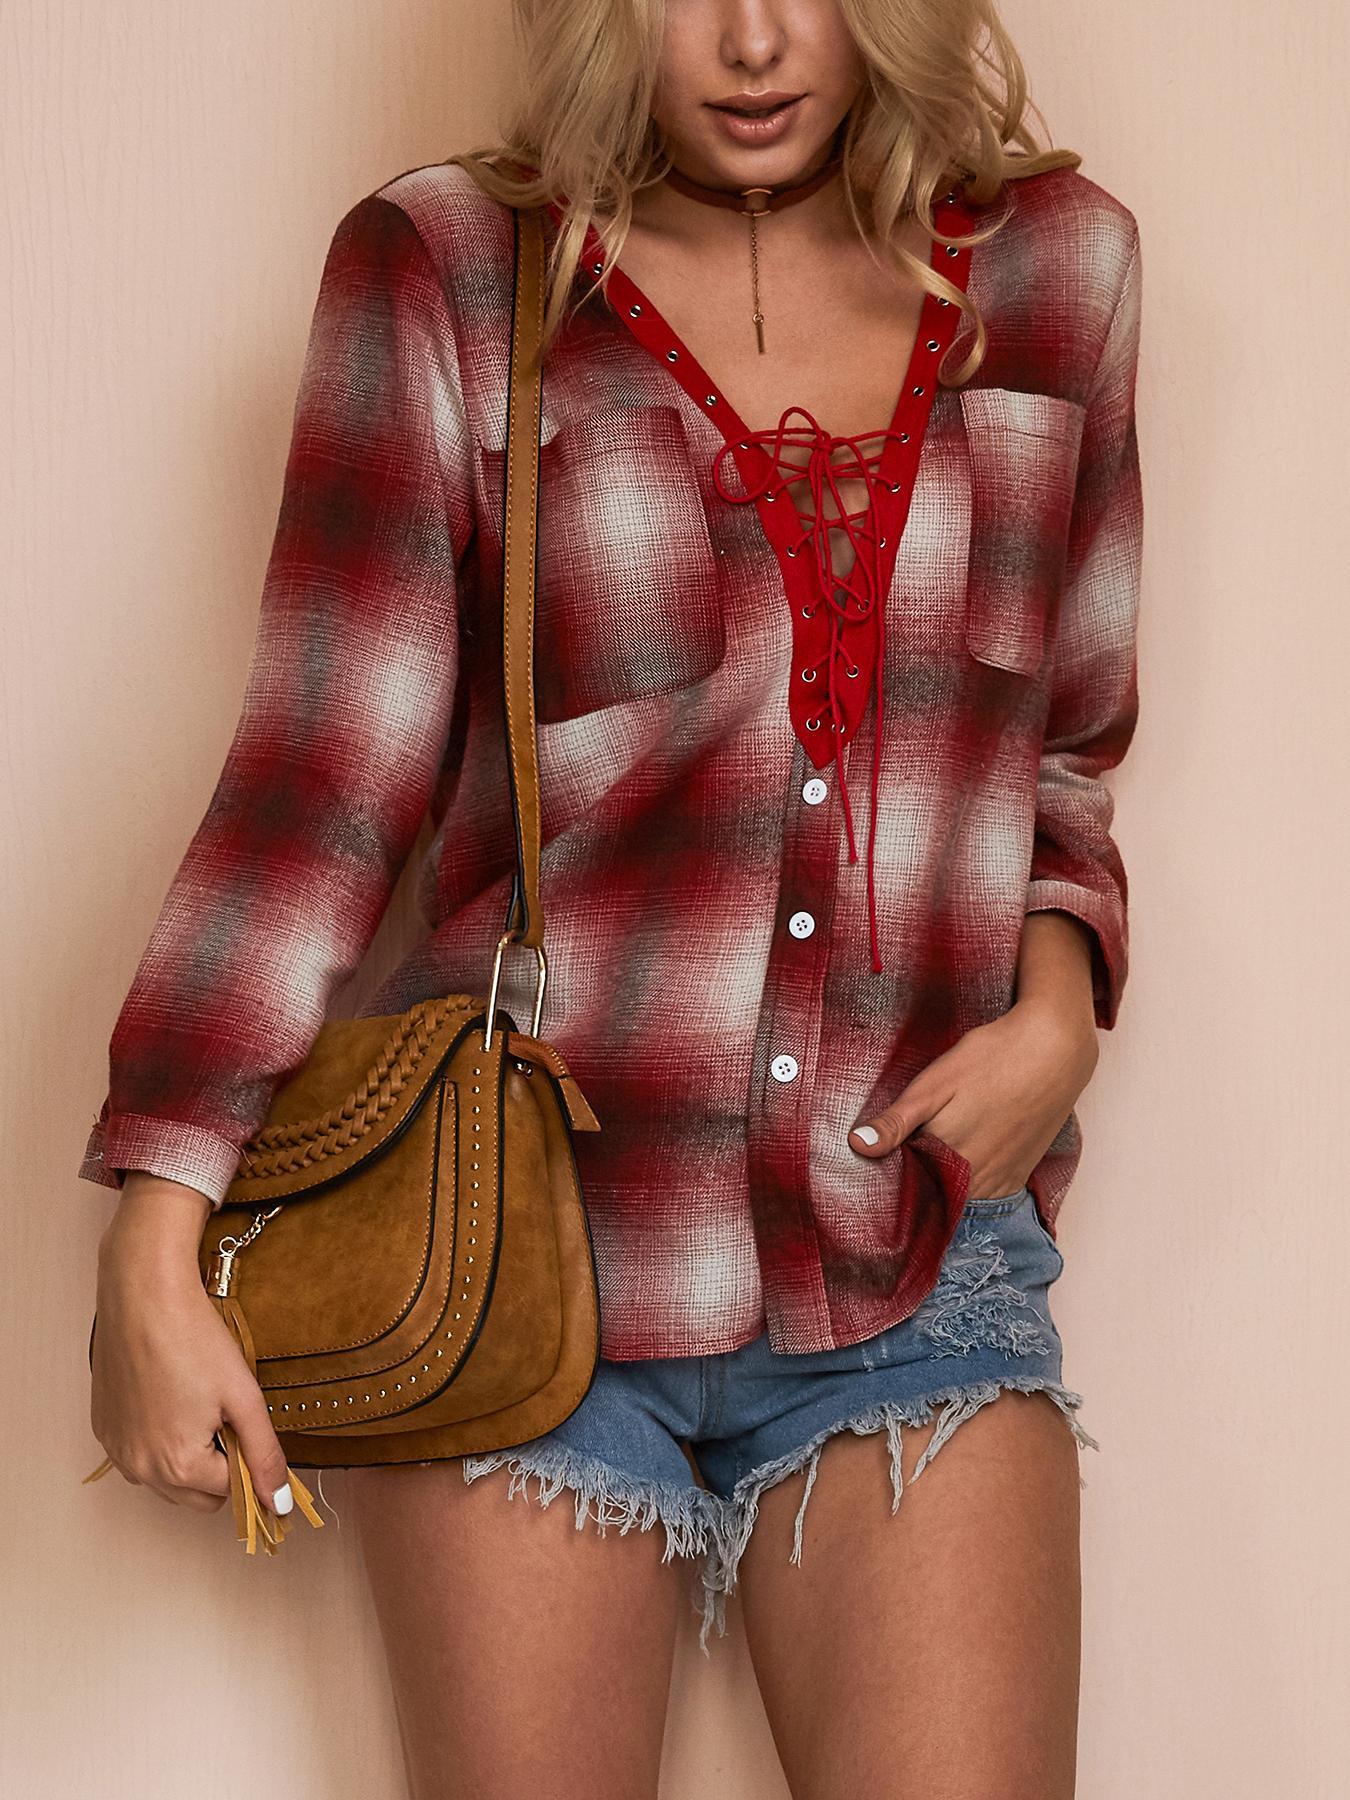 Joyshoetique coupon: Trendy Tartan Lace-up Casual Blouse